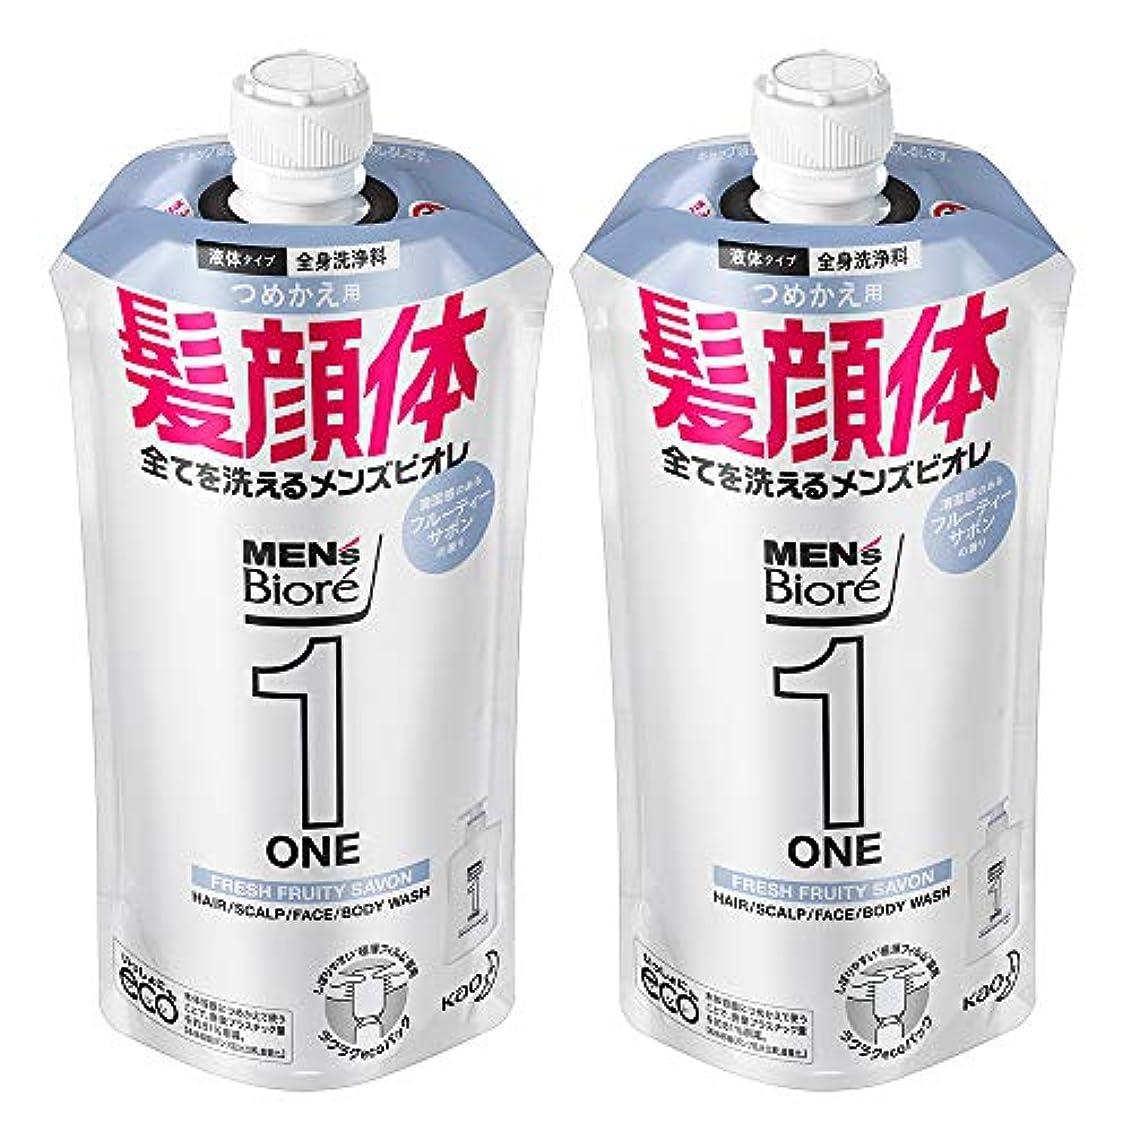 宿泊施設担当者うんざり【まとめ買い】メンズビオレ ONE オールインワン全身洗浄料 フルーティーサボンの香り つめかえ用 340ml×2個